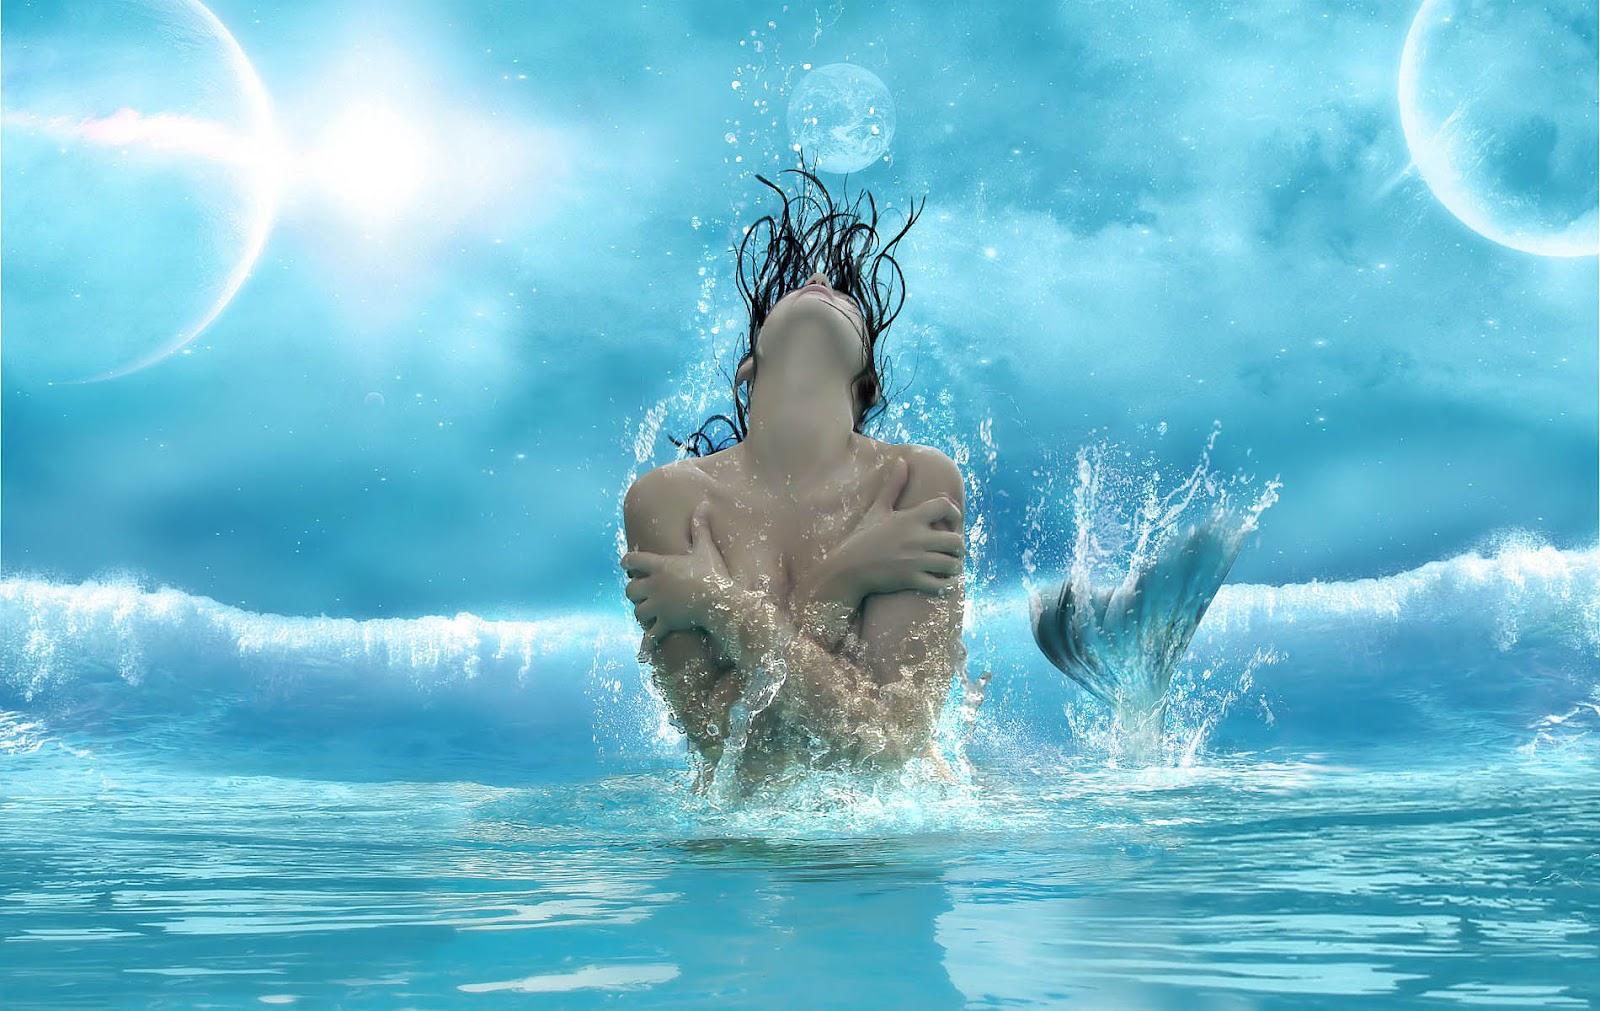 http://1.bp.blogspot.com/-Gy2PqaC0FBk/UBG4gsSKV2I/AAAAAAAADl0/w7u4N2z_jRw/s1600/hd-zeemeermin-wallpaper-een-zeemeermin-in-het-water-hd-achtergrond.jpg